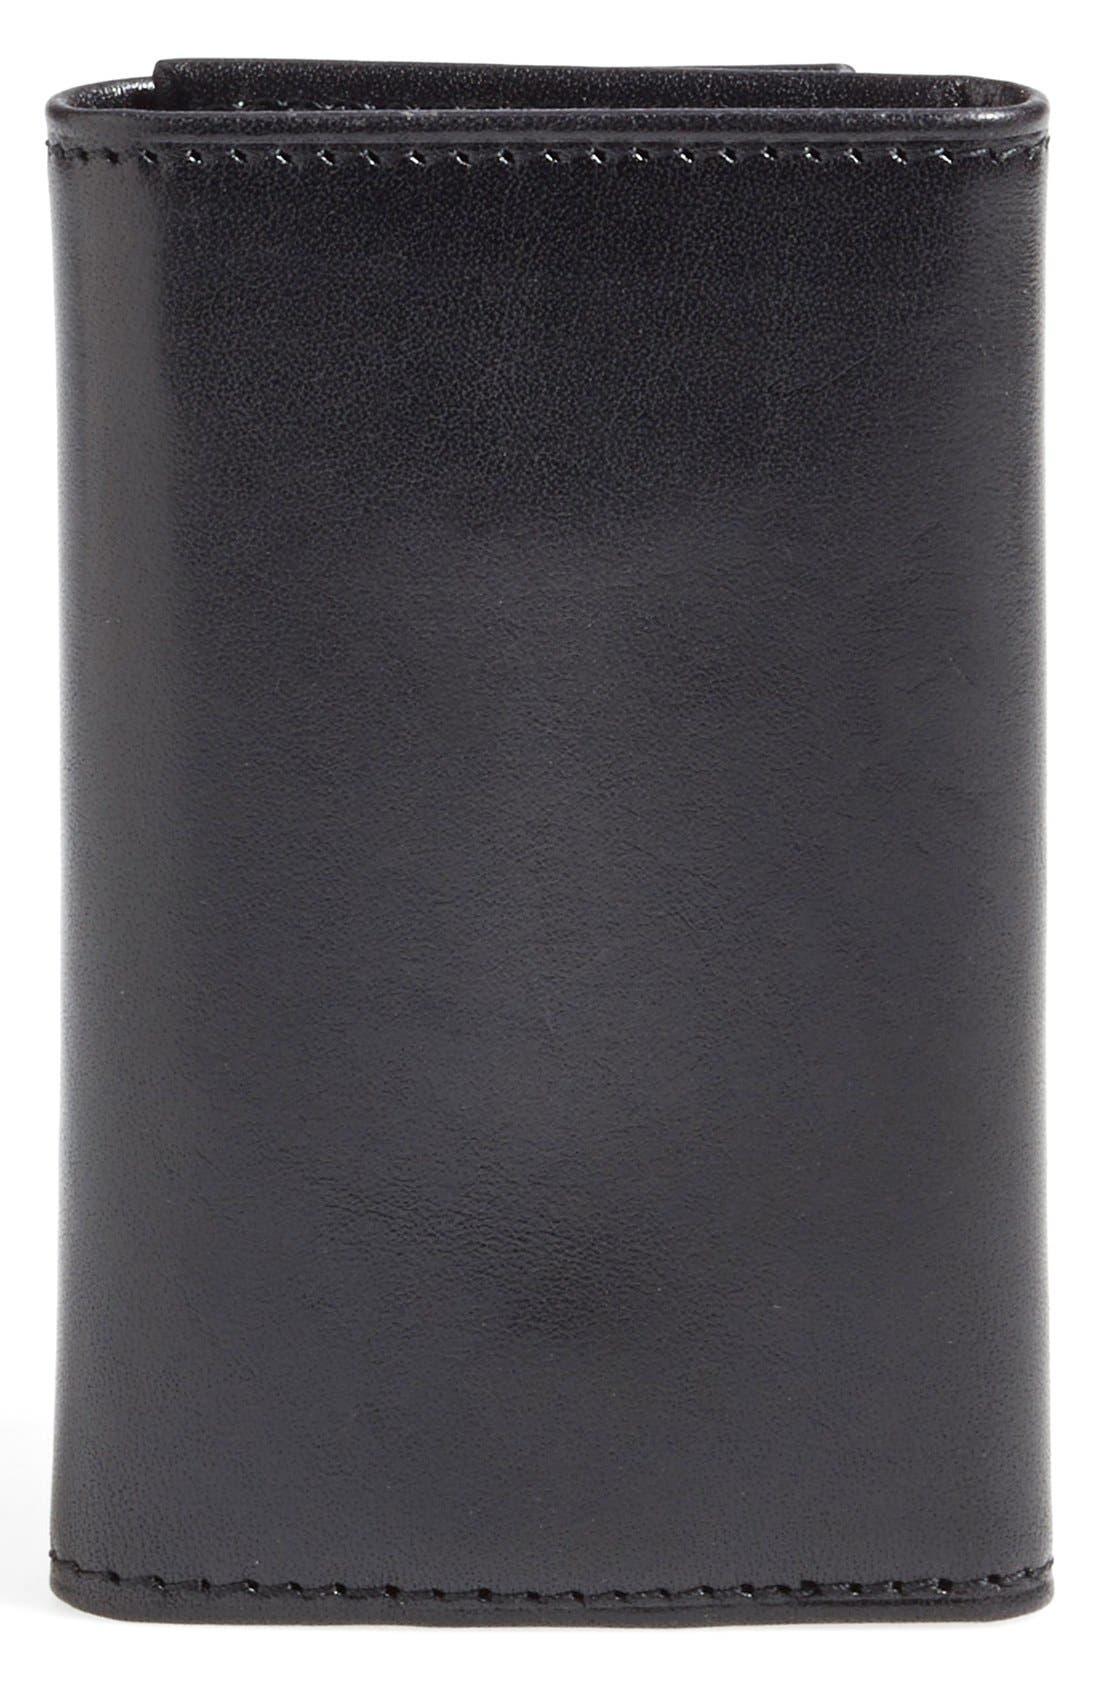 Alternate Image 3  - Bosca 'Old Leather' Key Case